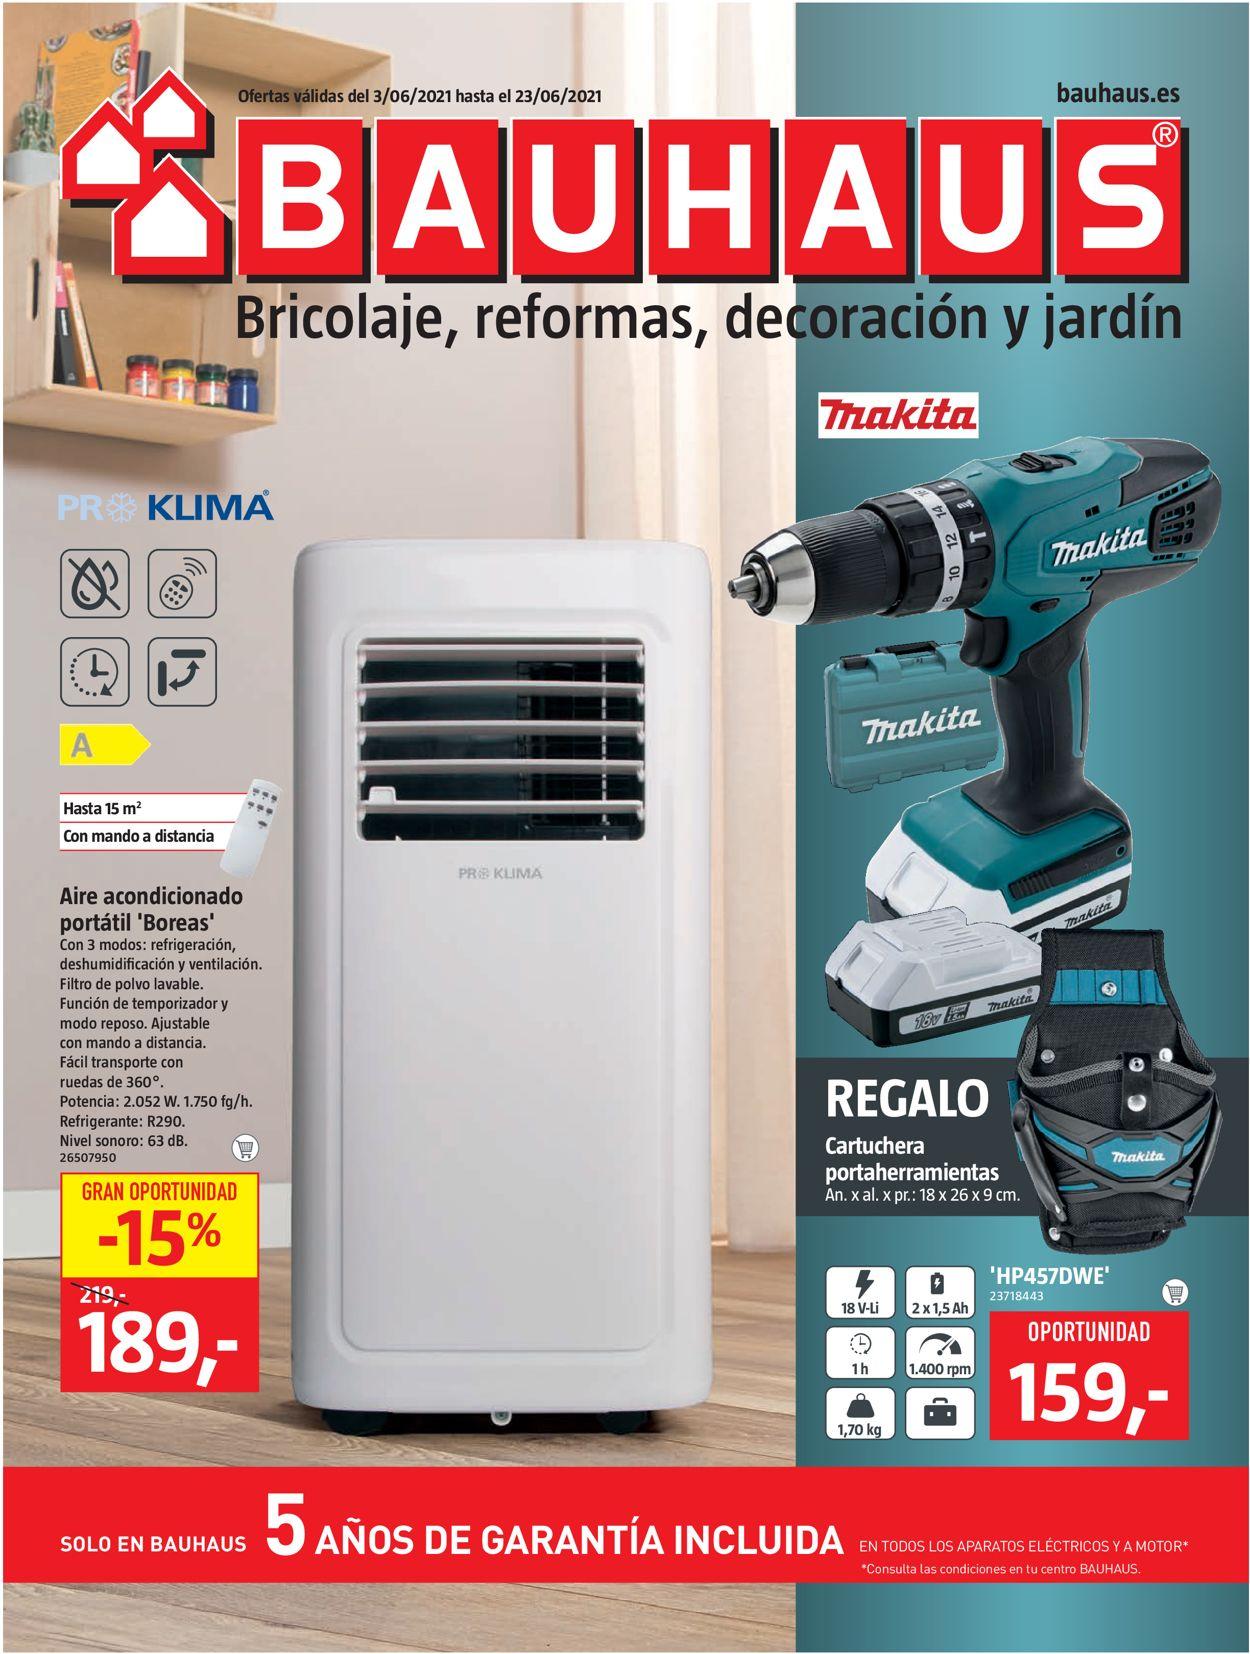 Bauhaus Folleto - 03.06-23.06.2021